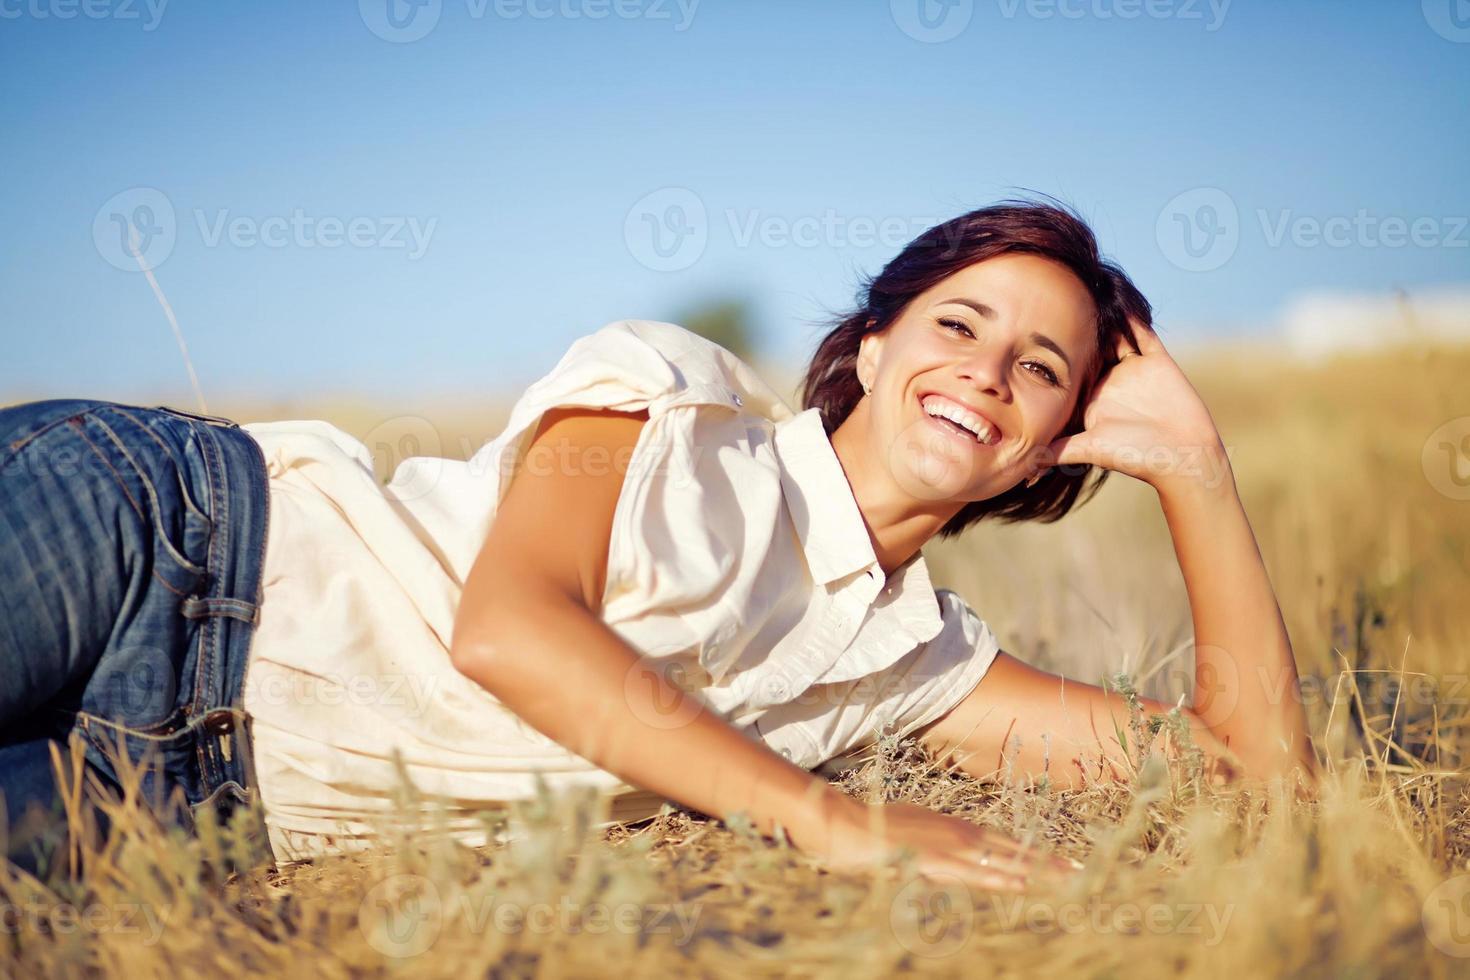 Frau auf einem Feld foto